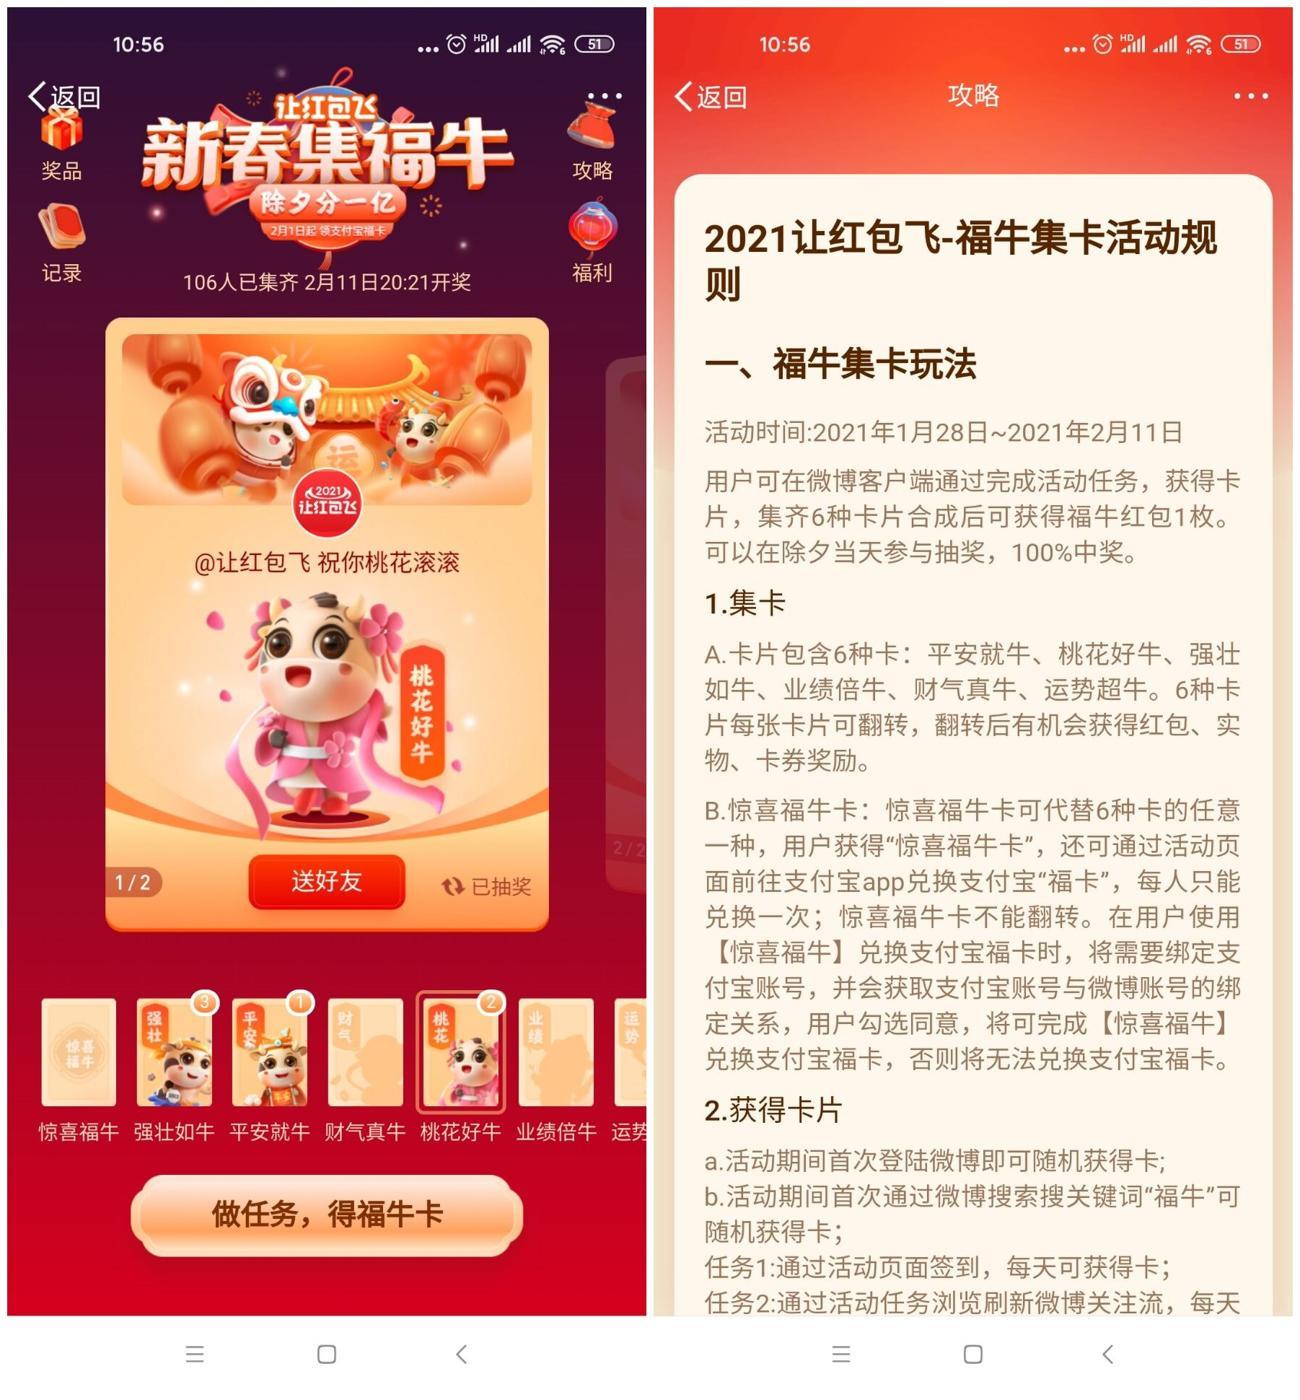 活动线报-微博新春集福牛瓜分红包